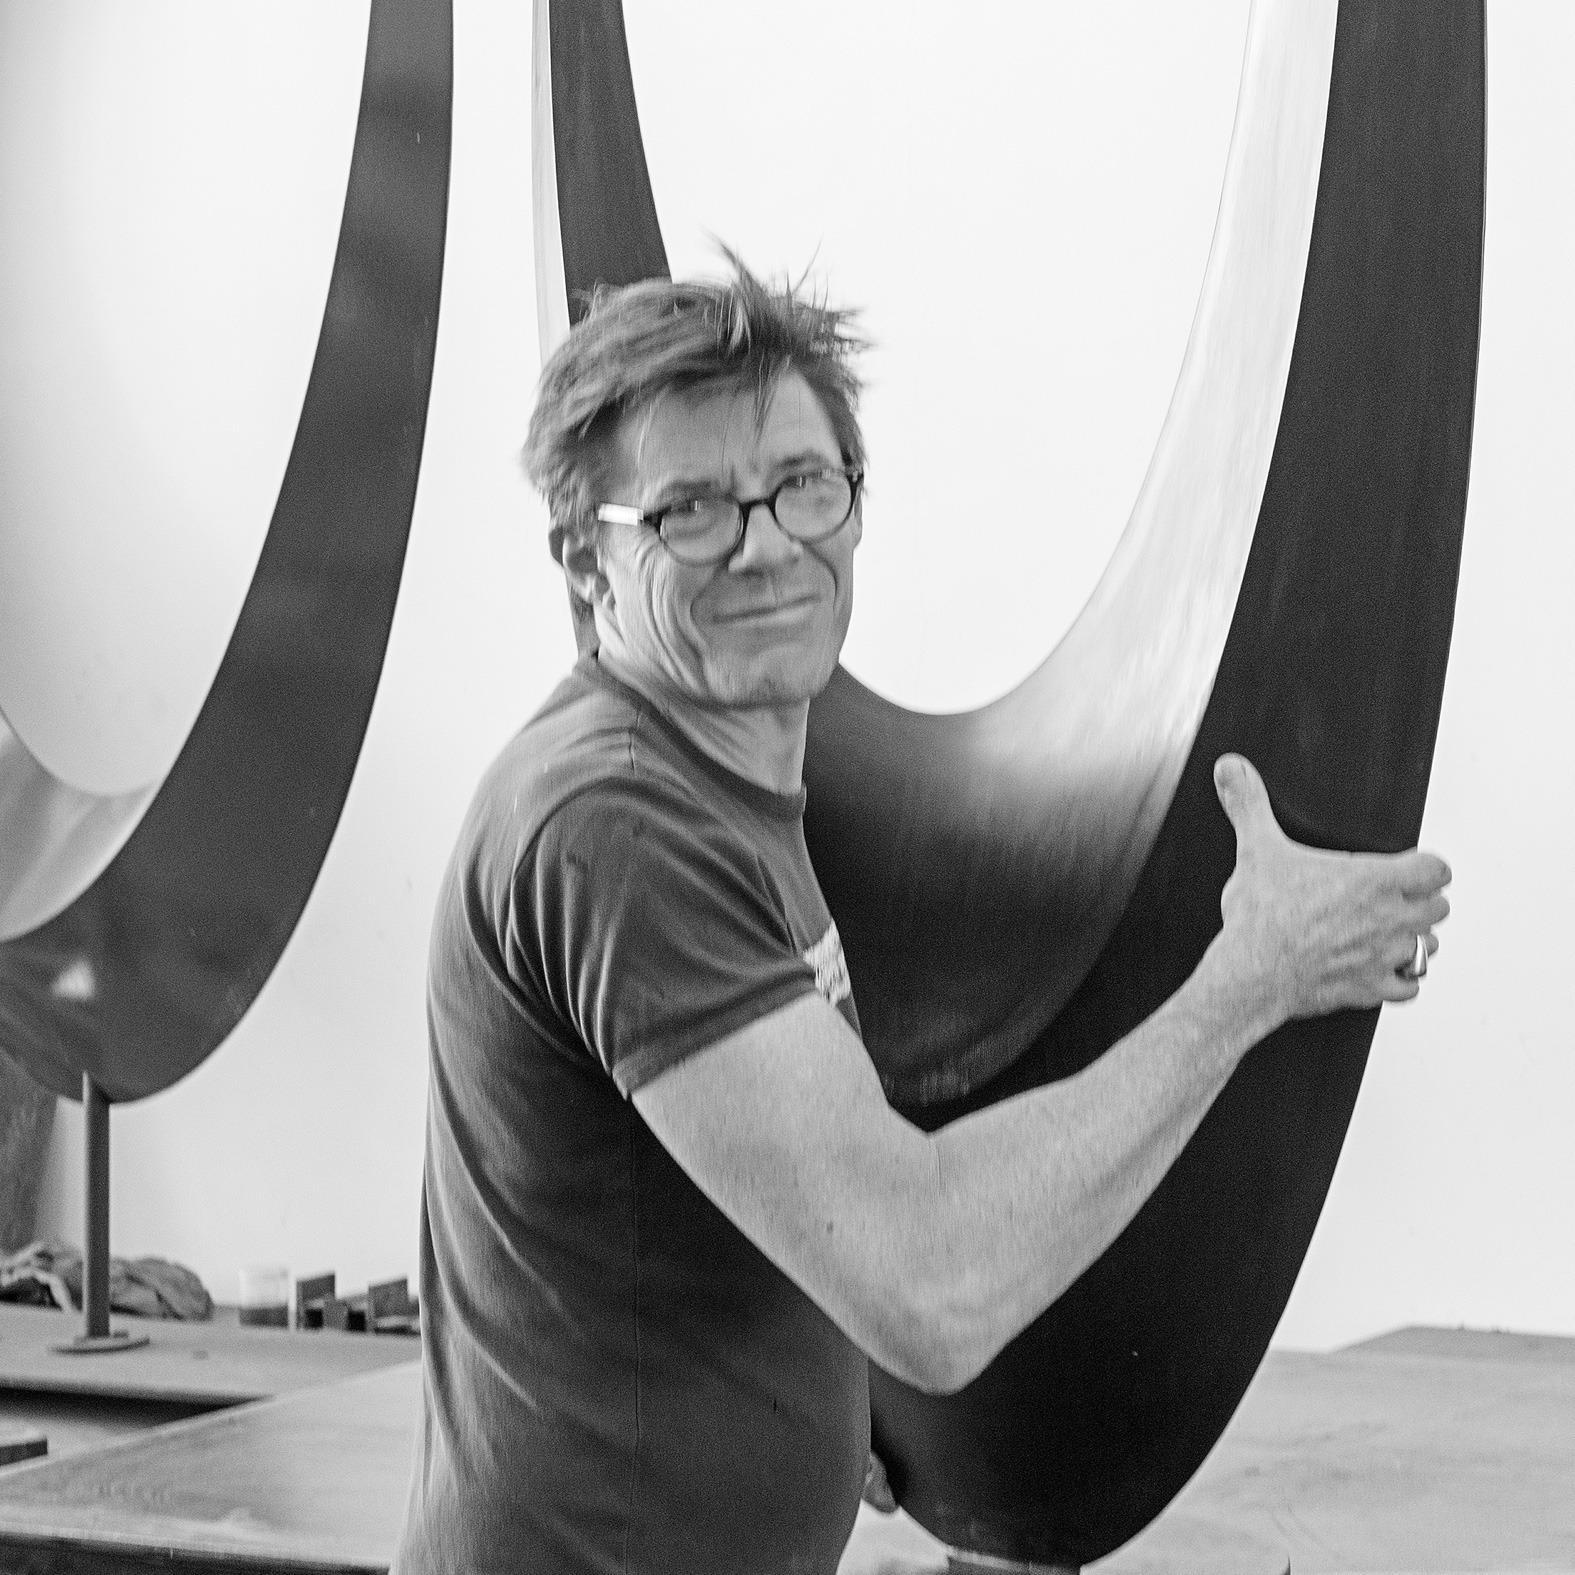 francis guerrier artiste sculpteur sur metal de la galerie 22